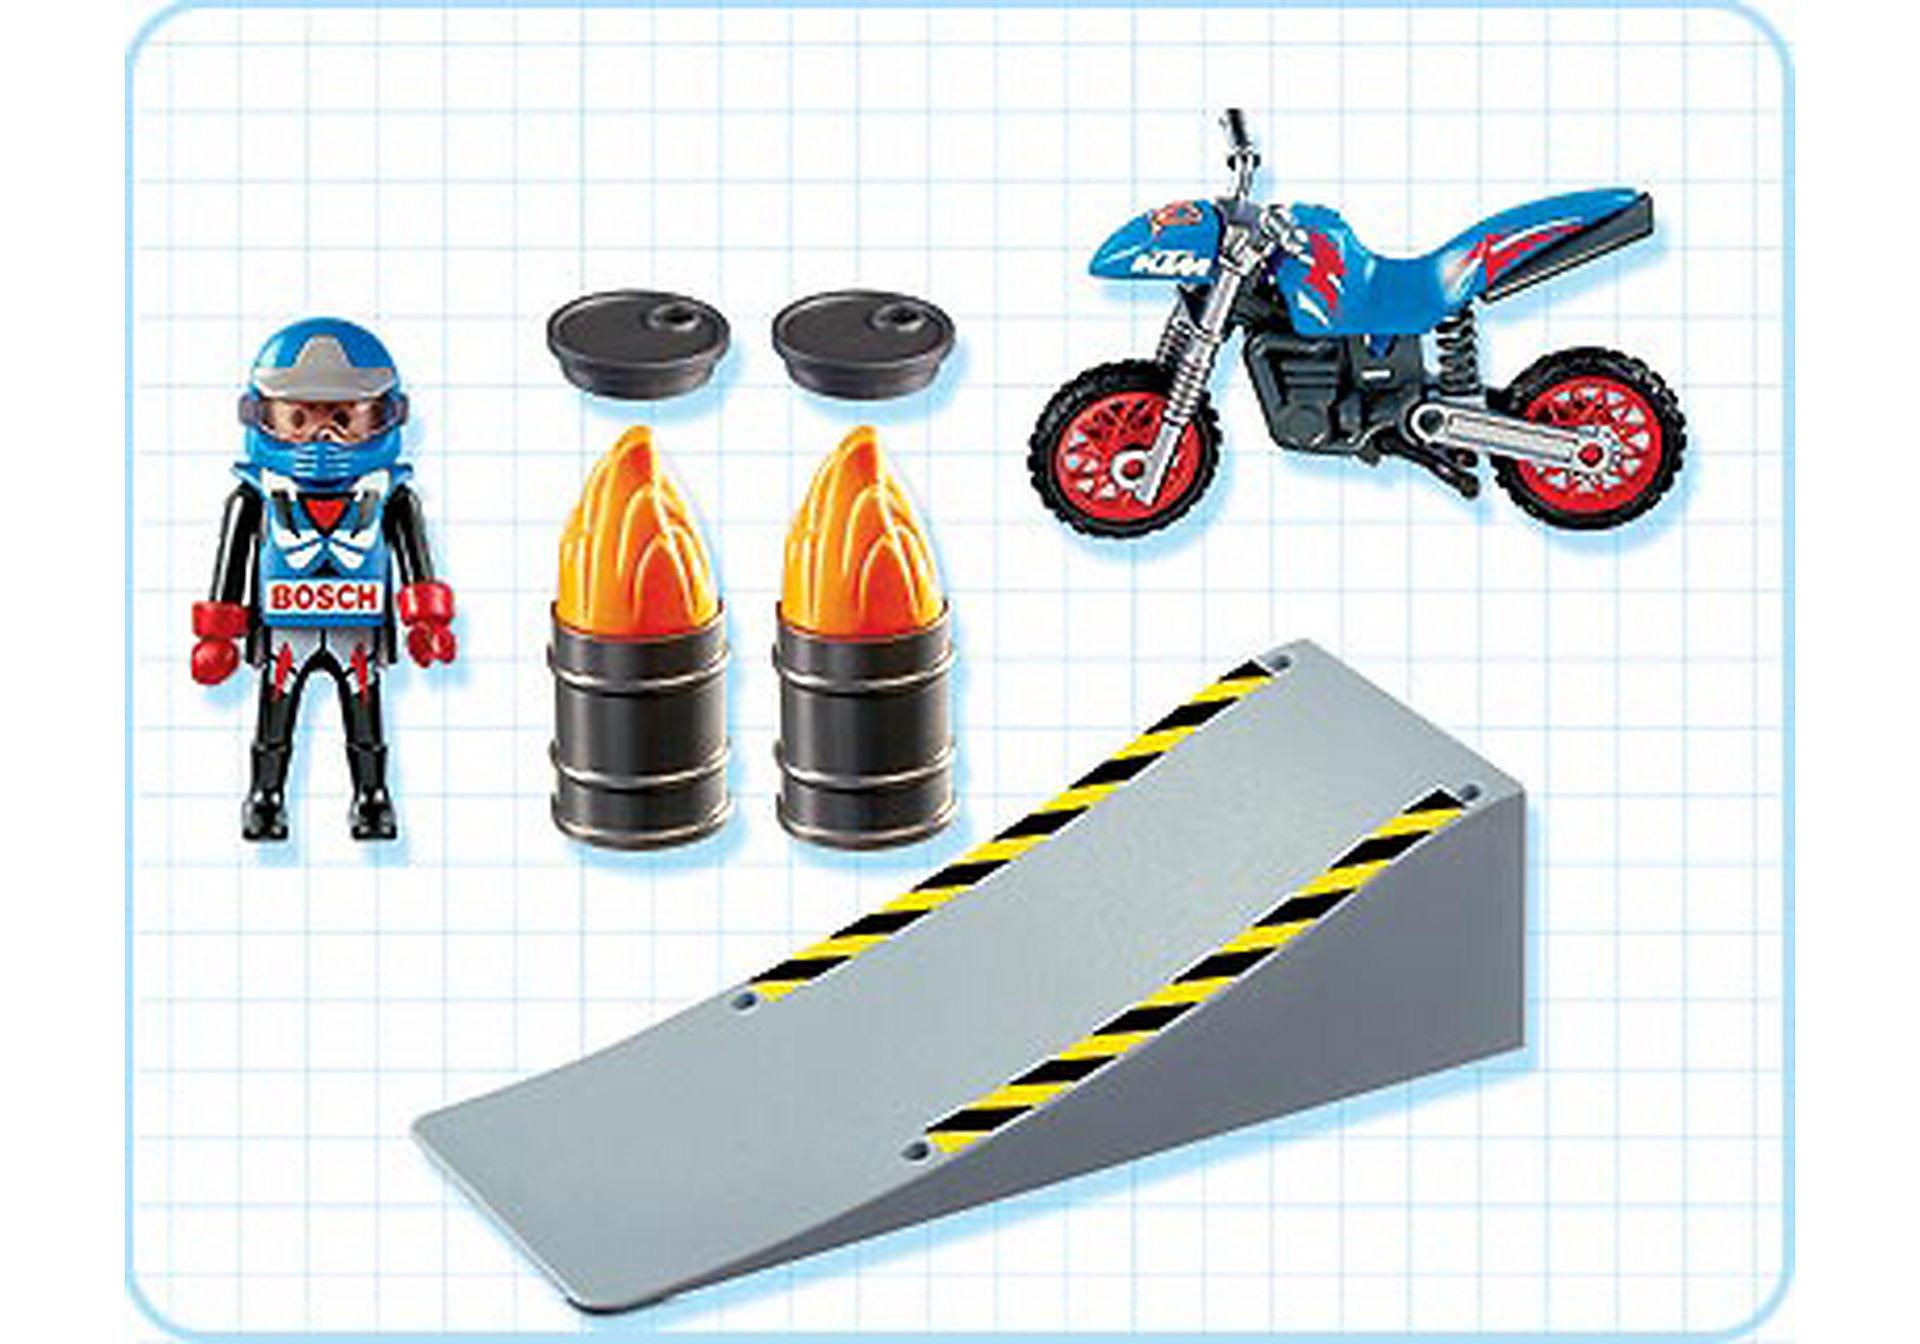 4416-A Pilote de motocross / rampe à obstacle zoom image2